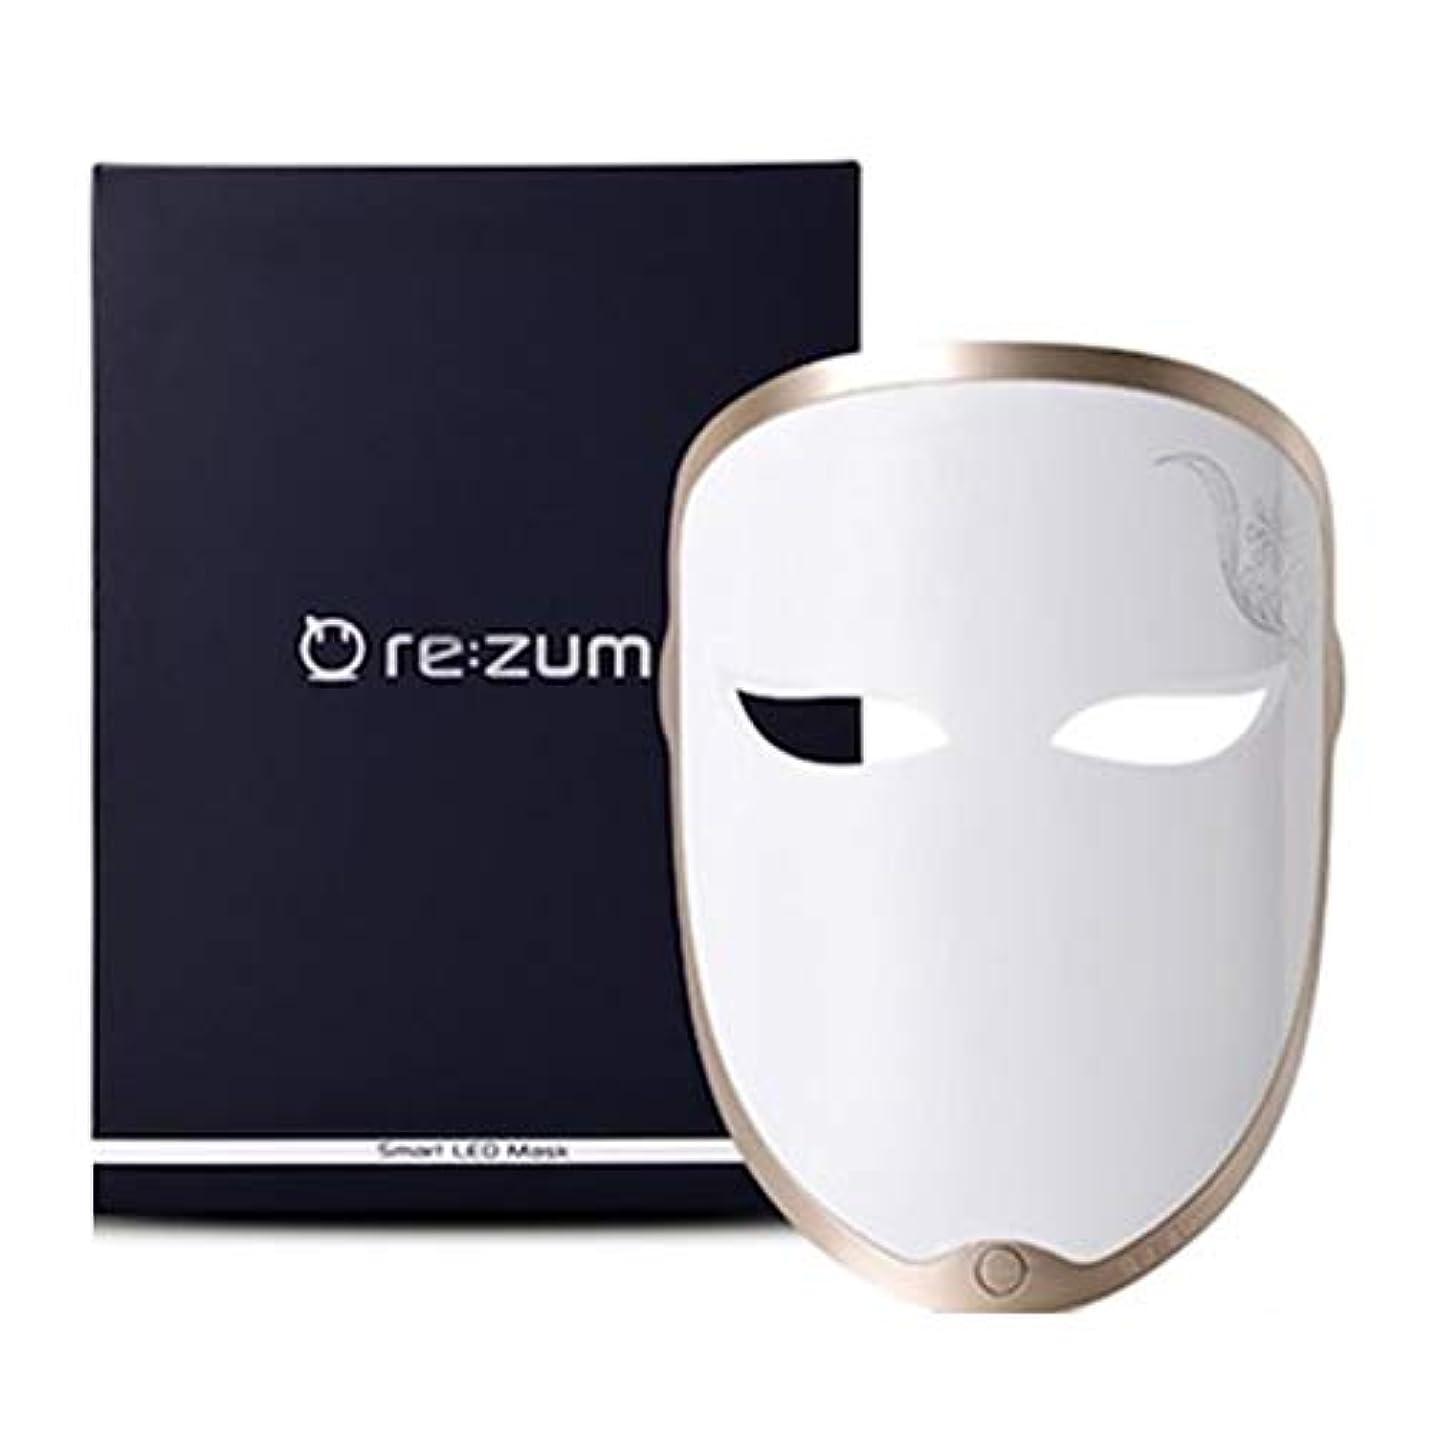 差し迫った物理要求REZUM LEDスマートレインボーマスクセルフスキンケア5波長モードホームケア美容機器 USB充電 LED Smart Rainbow Led Mask Self Skin Care 5 Wave Length Mode...